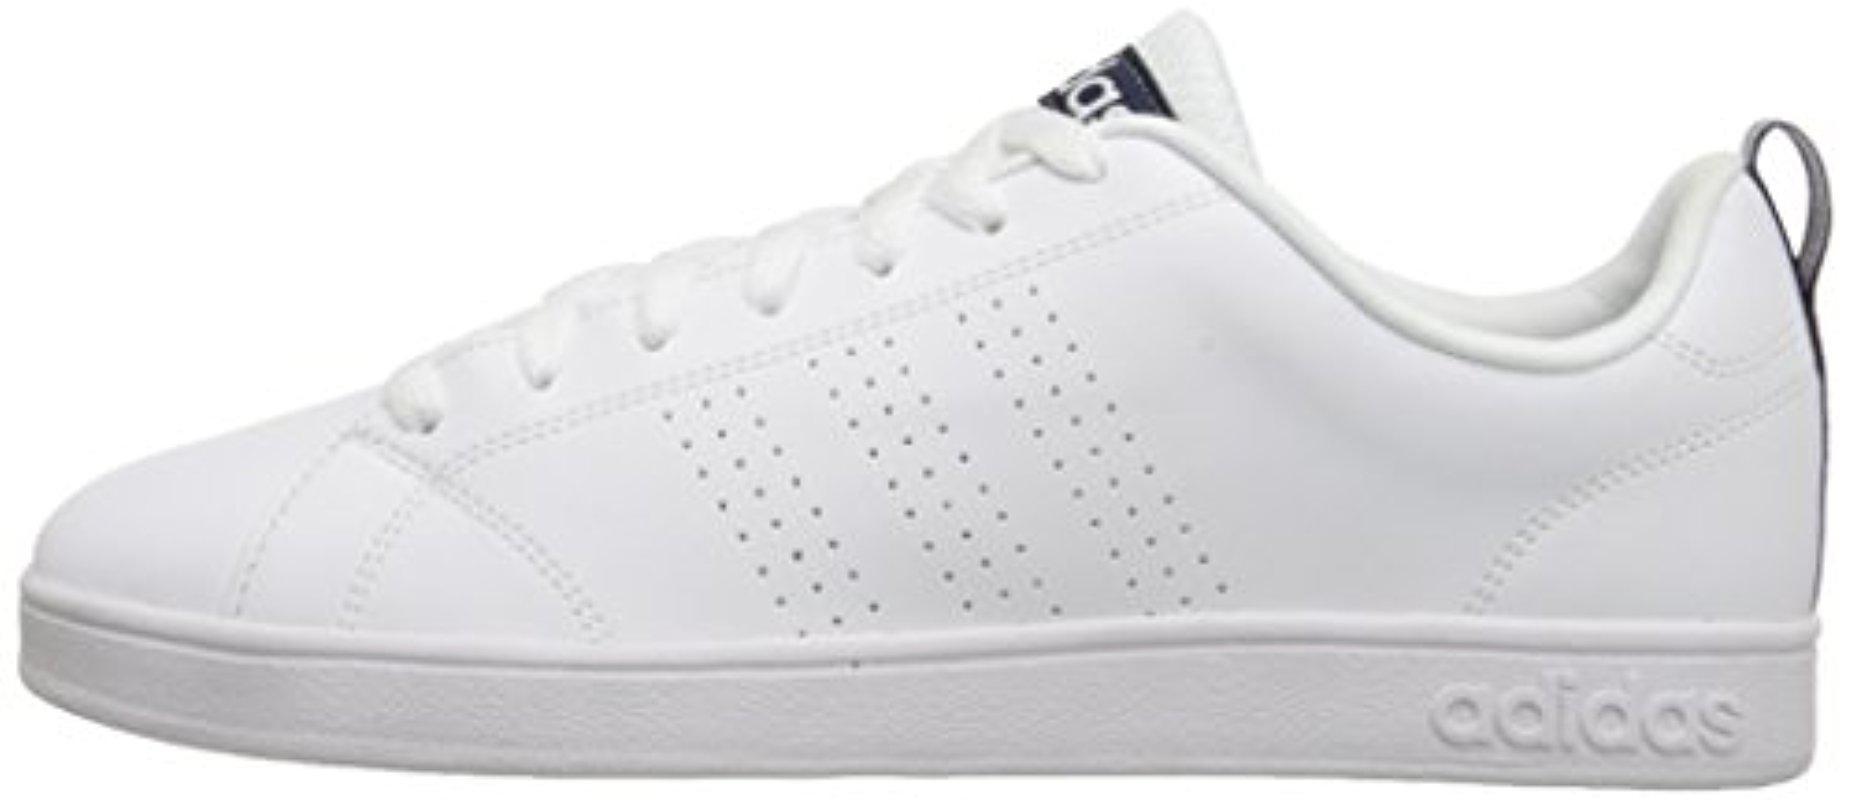 Neo Advantage Clean Vs Lifestyle Tennis Shoe